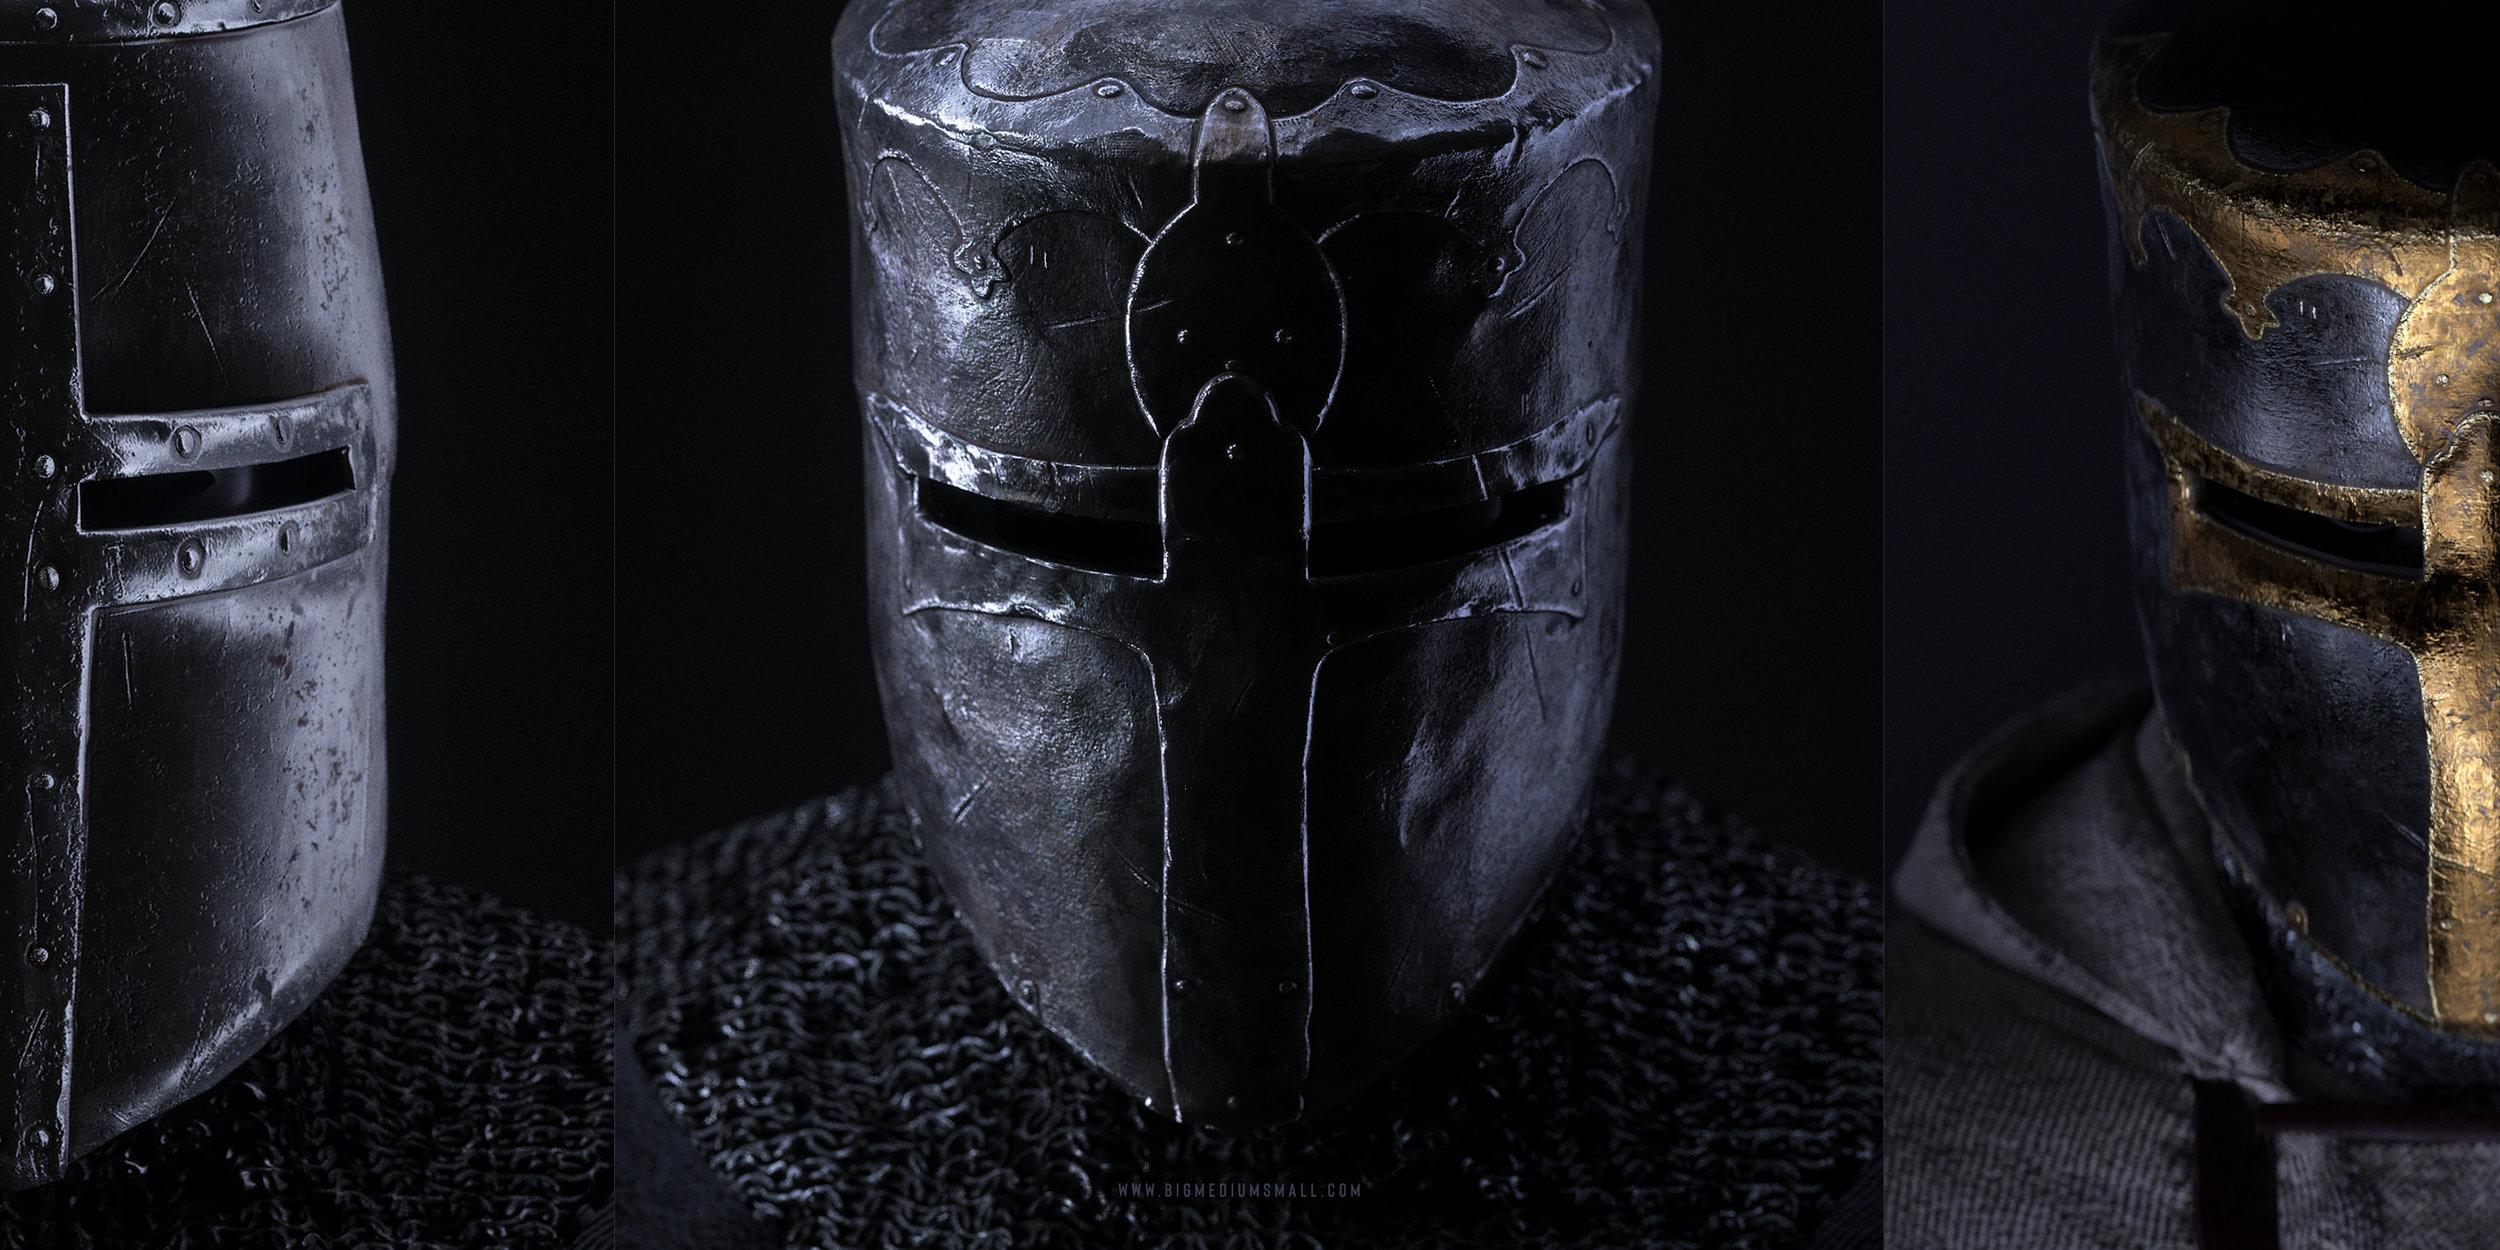 helmets_3.jpg